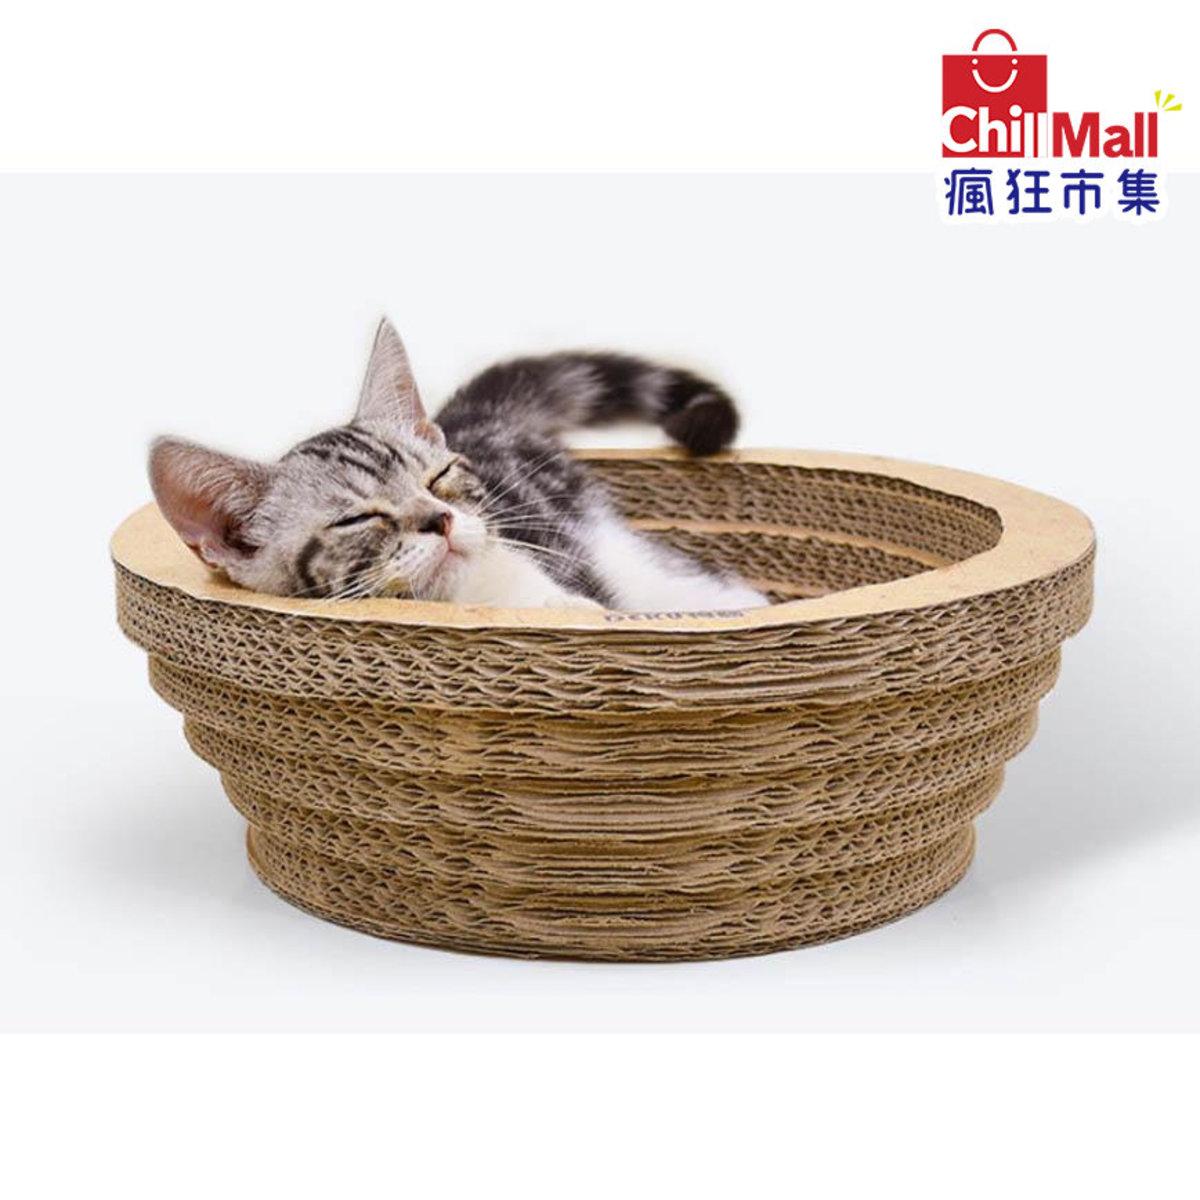 瓦楞紙貓抓板 碗形一層層淺 小號 [33.5*11cm]